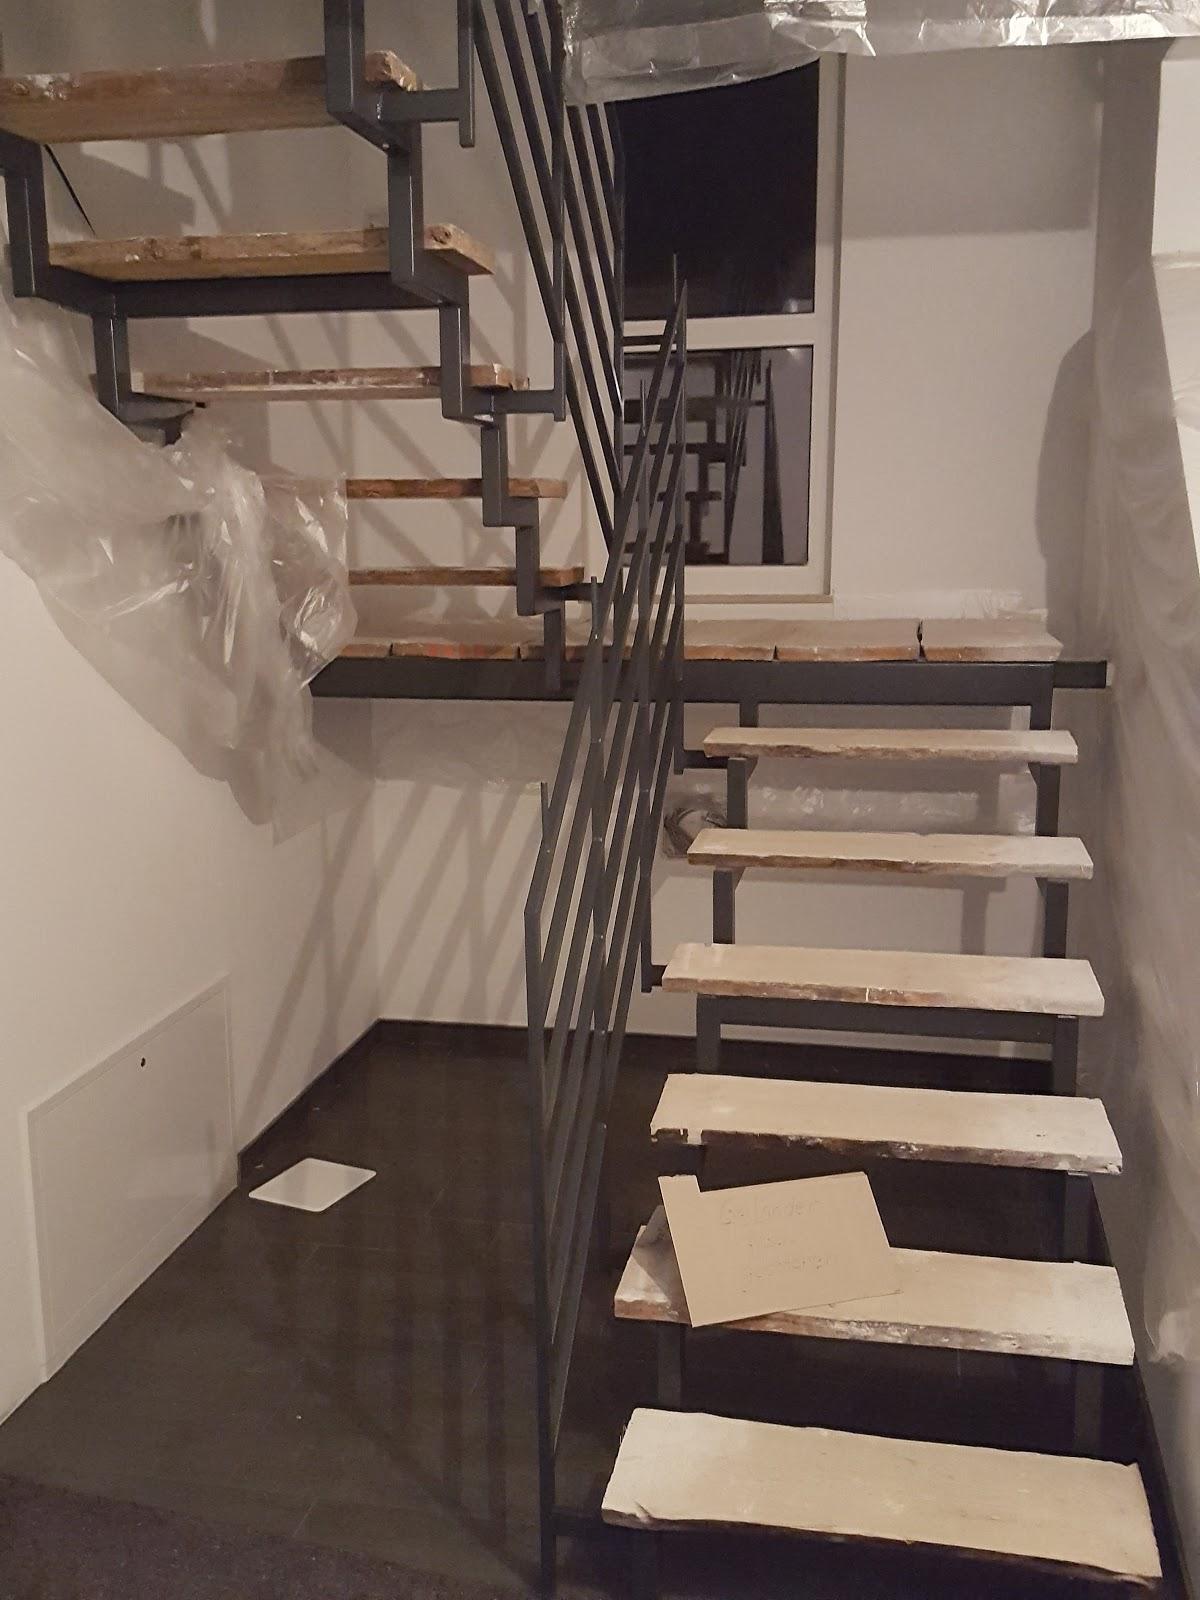 Berühmt Hausbau-Nickern Blog: TAG 151 - Fußboden Wohnzimmer, 2. Anstrich @DO_68